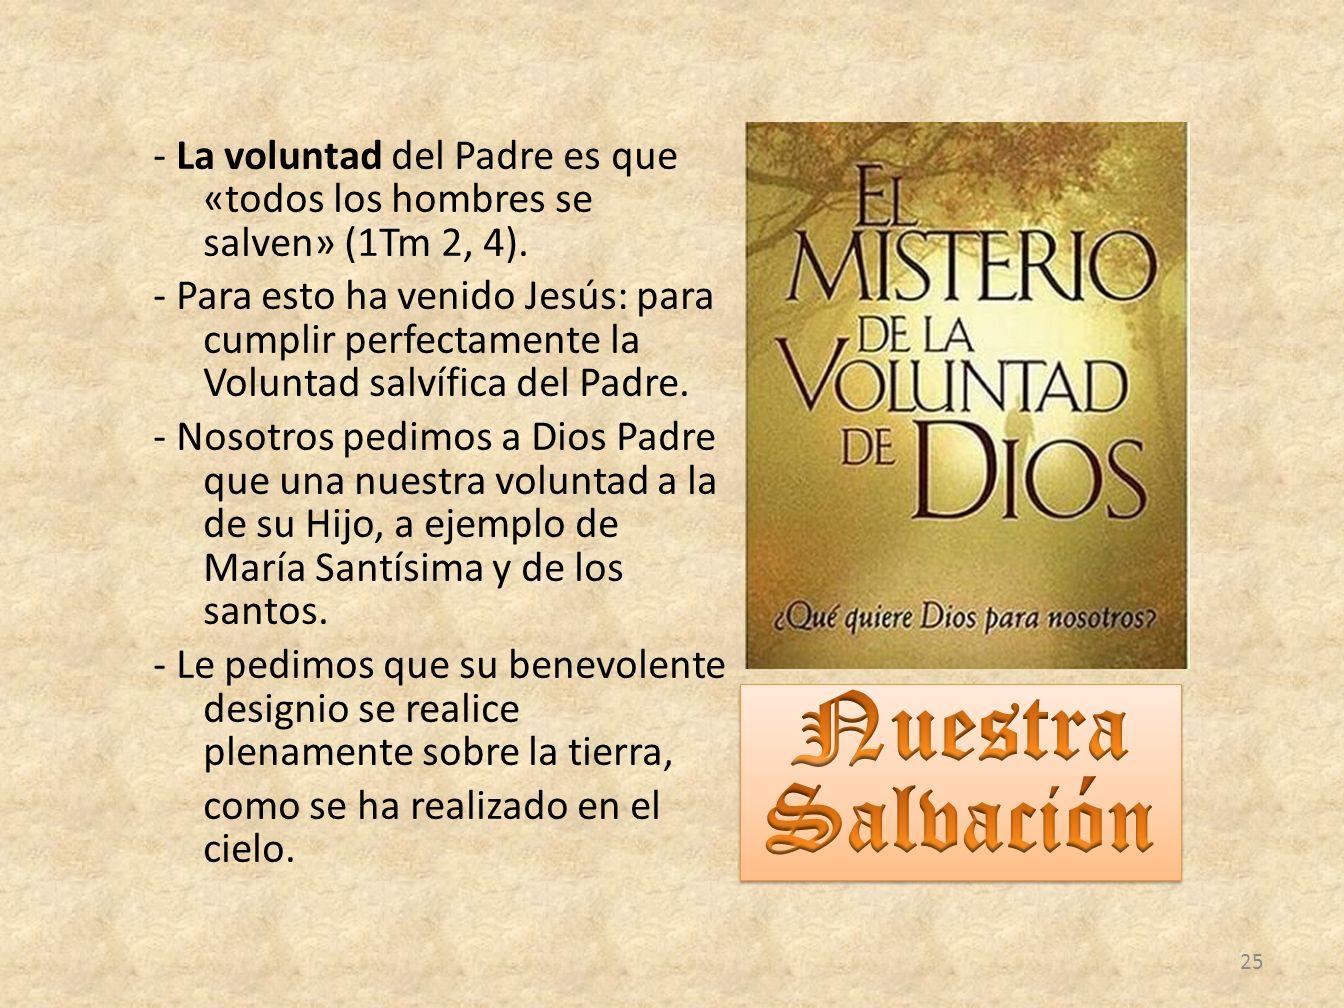 - La voluntad del Padre es que «todos los hombres se salven» (1Tm 2, 4). - Para esto ha venido Jesús: para cumplir perfectamente la Voluntad salvífica